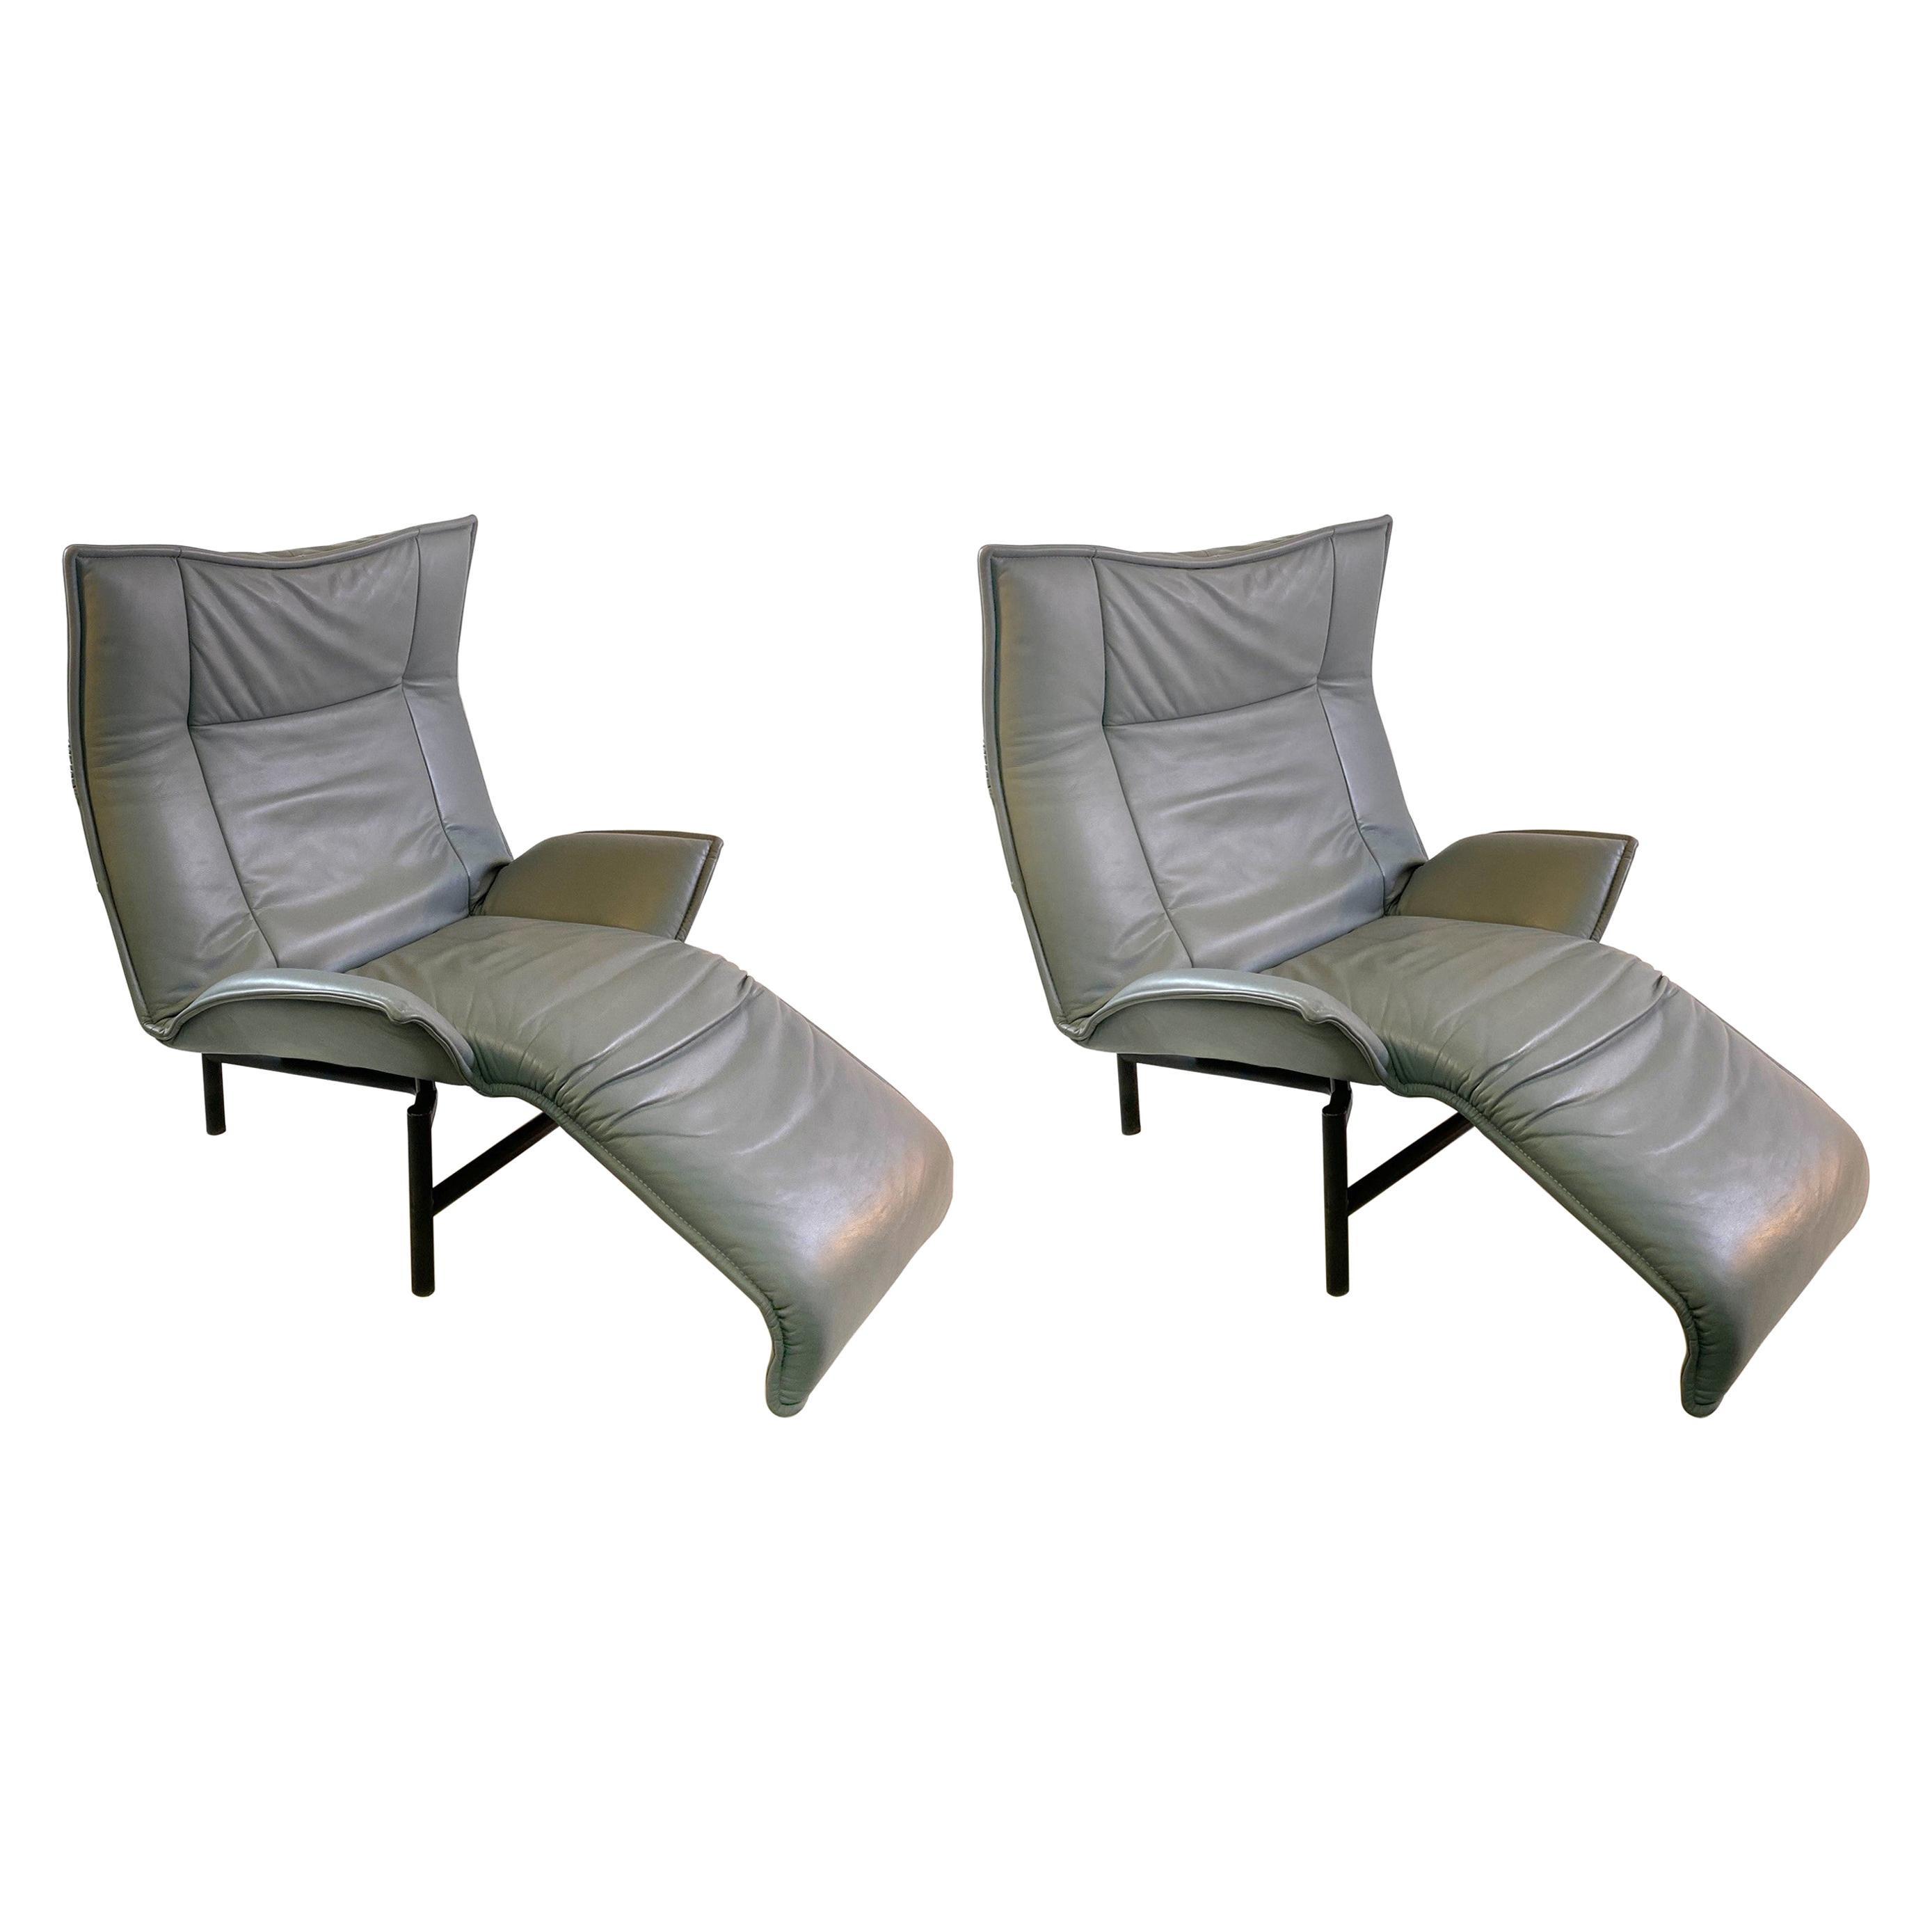 Vico Magistretti for Cassina Italia Modern Veranda Lounge Chairs